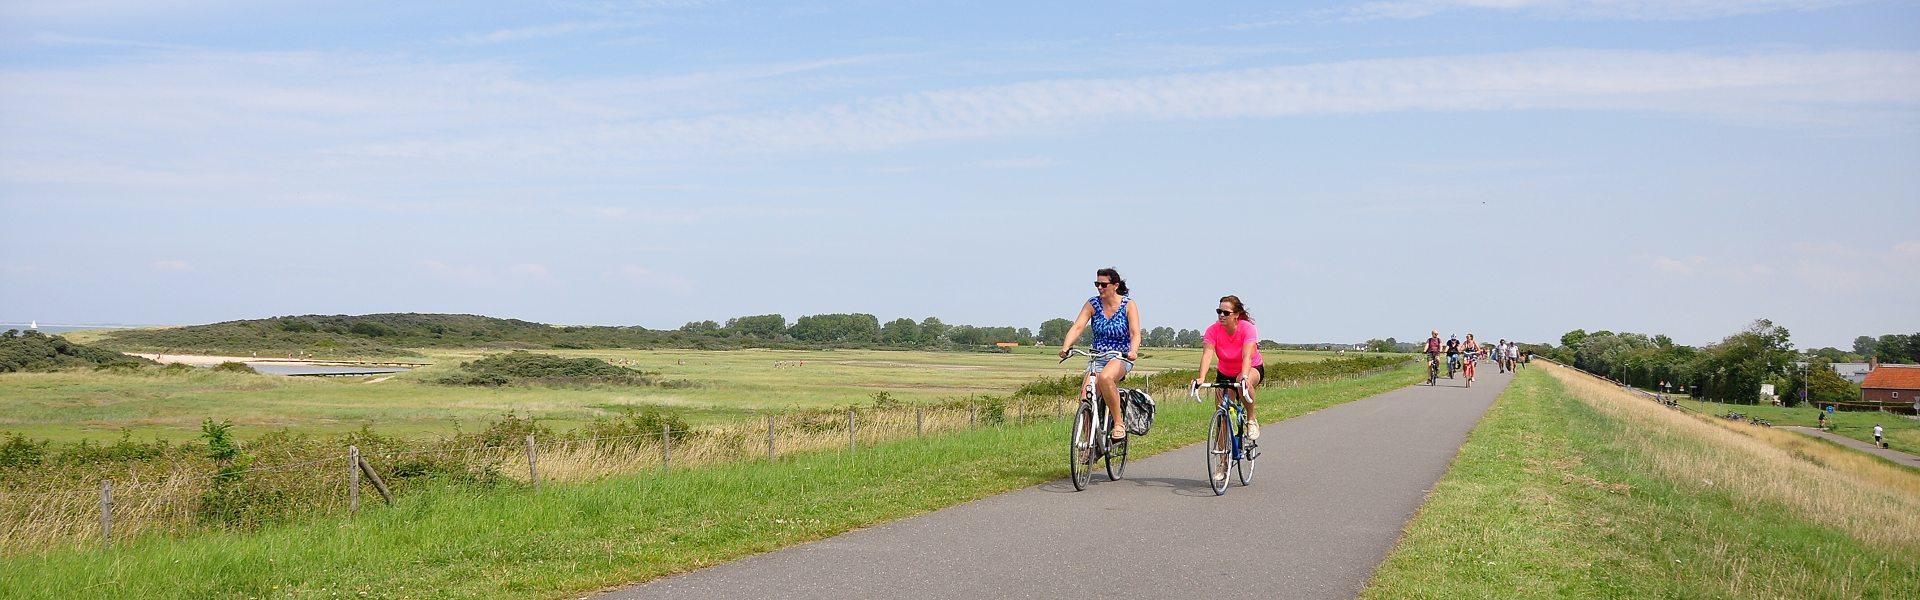 fietsenverhuur-zeeuws-vlaanderen